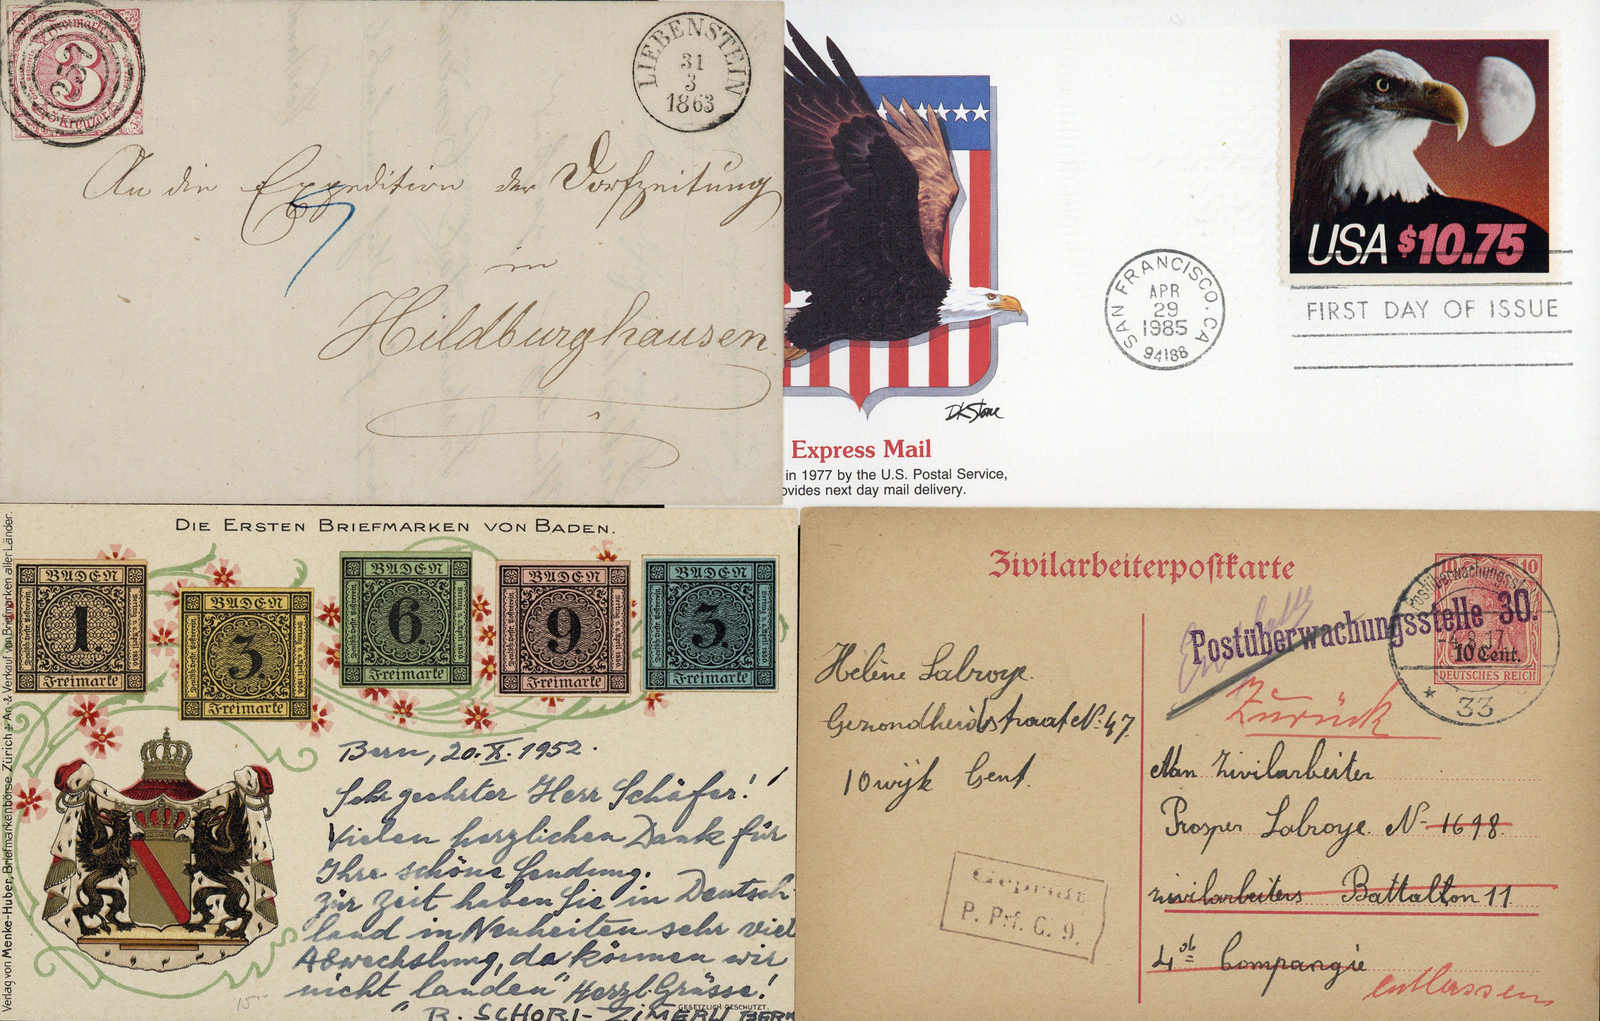 Lot 509 - sammlungen und posten sammlungen und posten deutschland -  Schwarzenbach Auktion Zurich 67th Auction - Session II